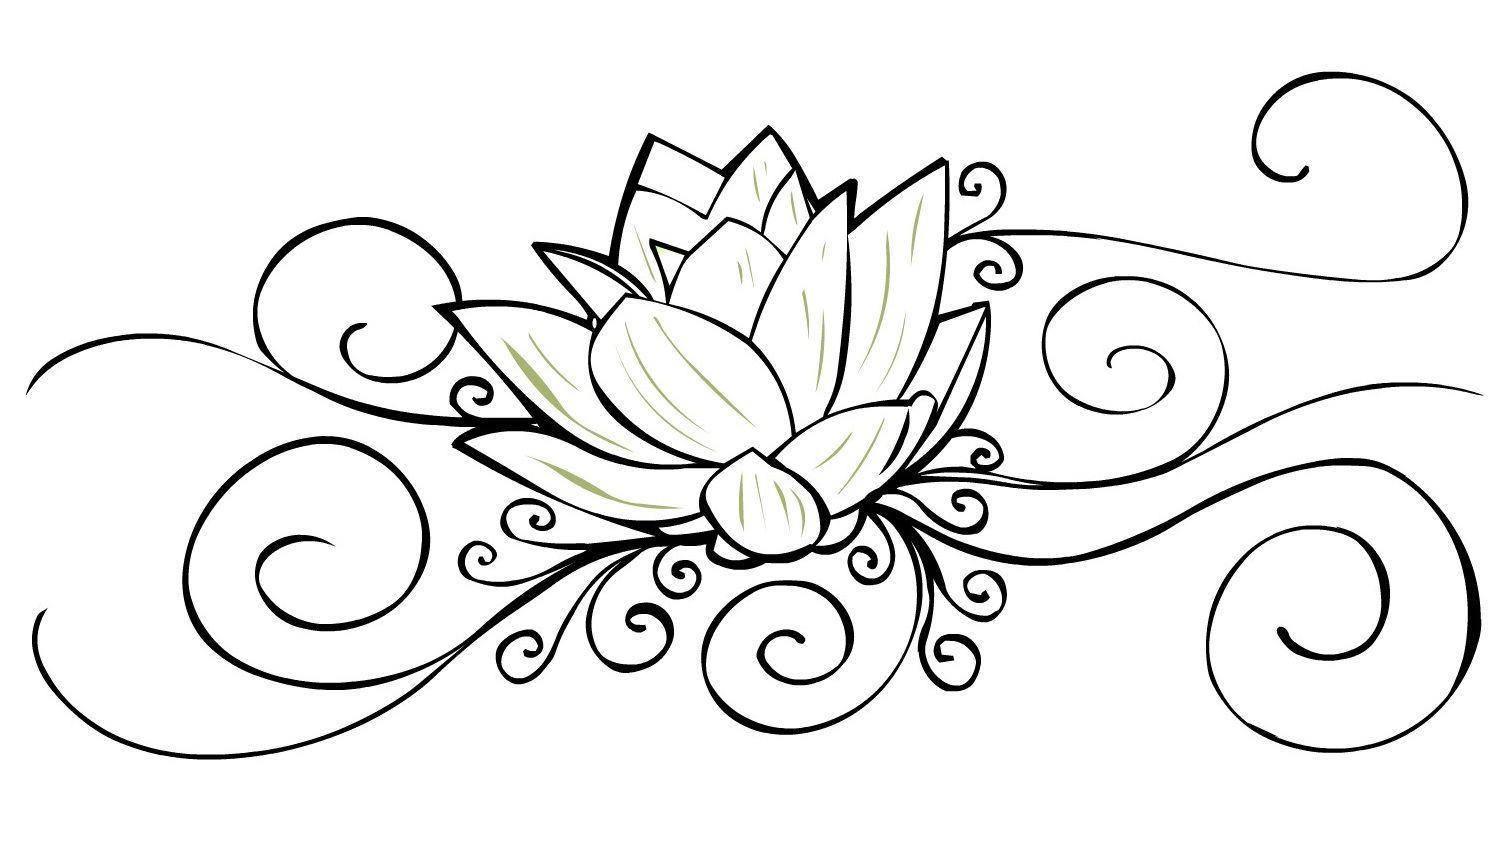 Lotus tattoos for women tattoo lotus flower designs for women lotus tattoos for women tattoo lotus flower designs for women izmirmasajfo